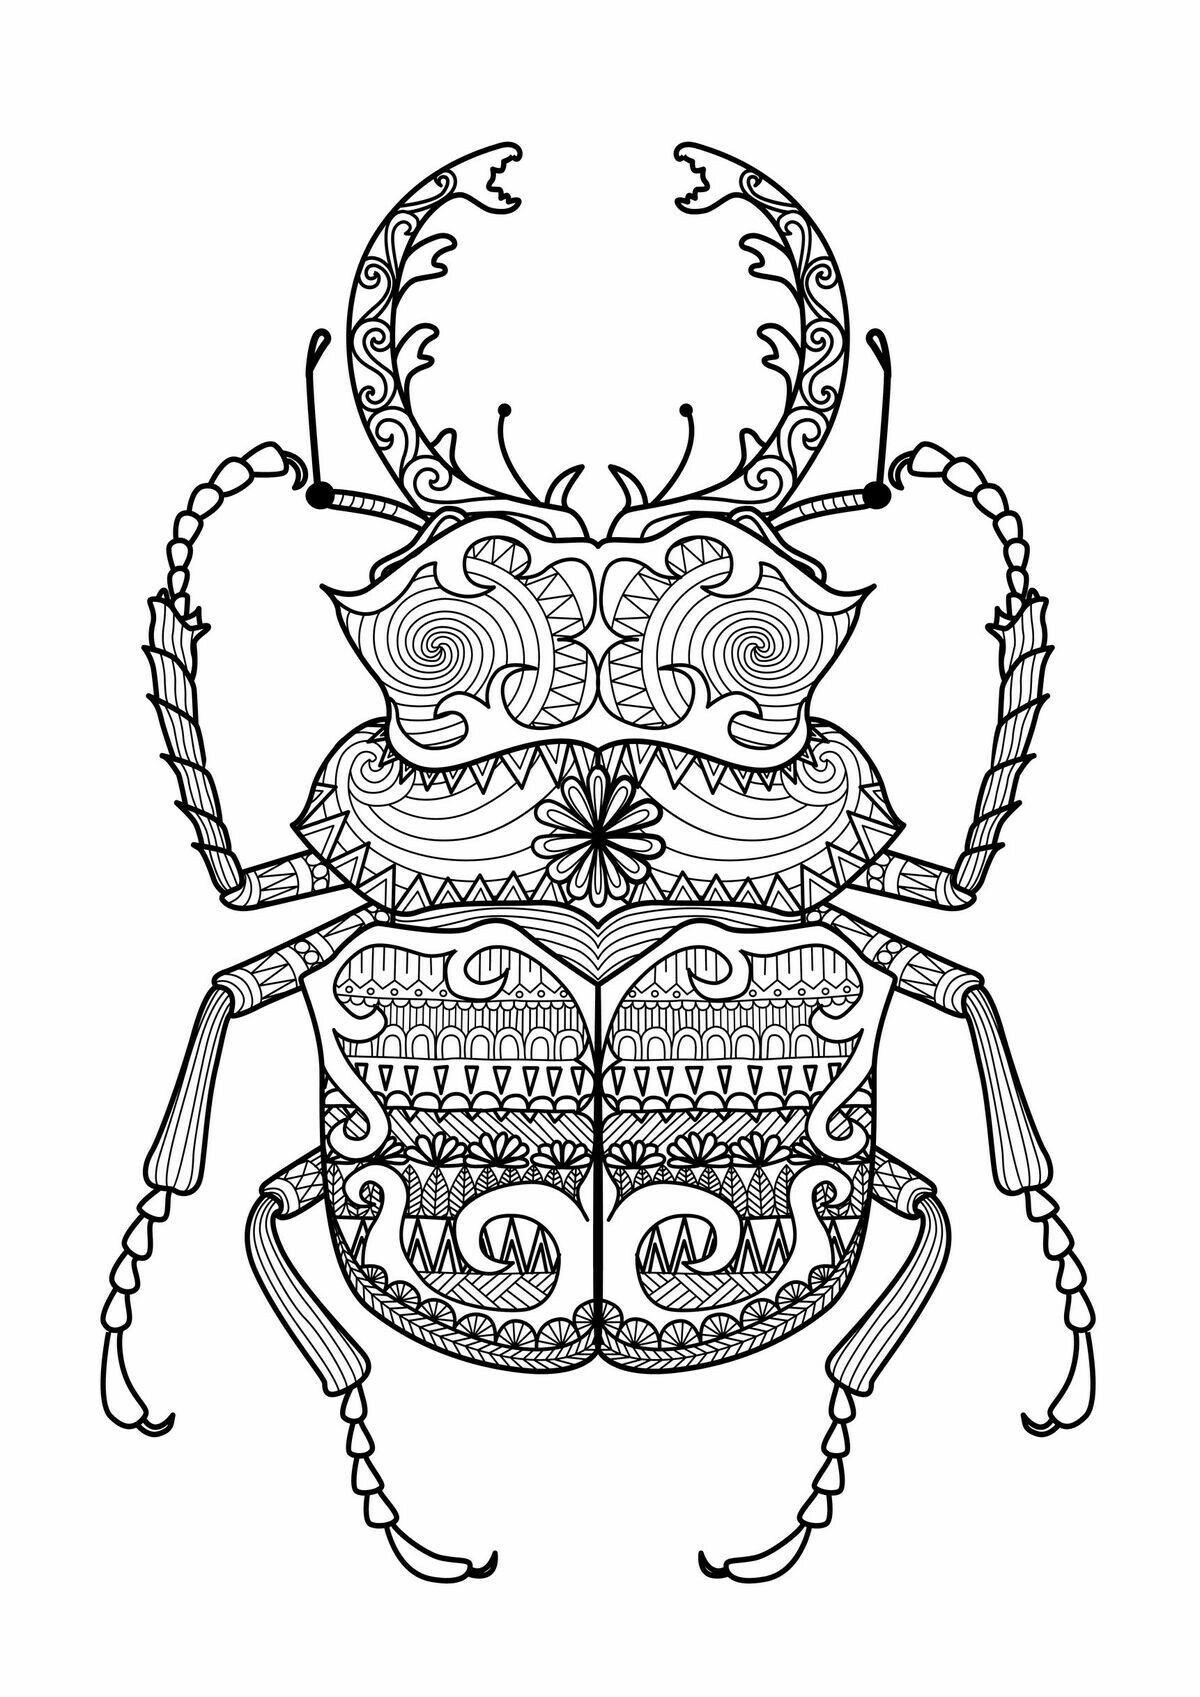 insekten malvorlagen quest | aiquruguay